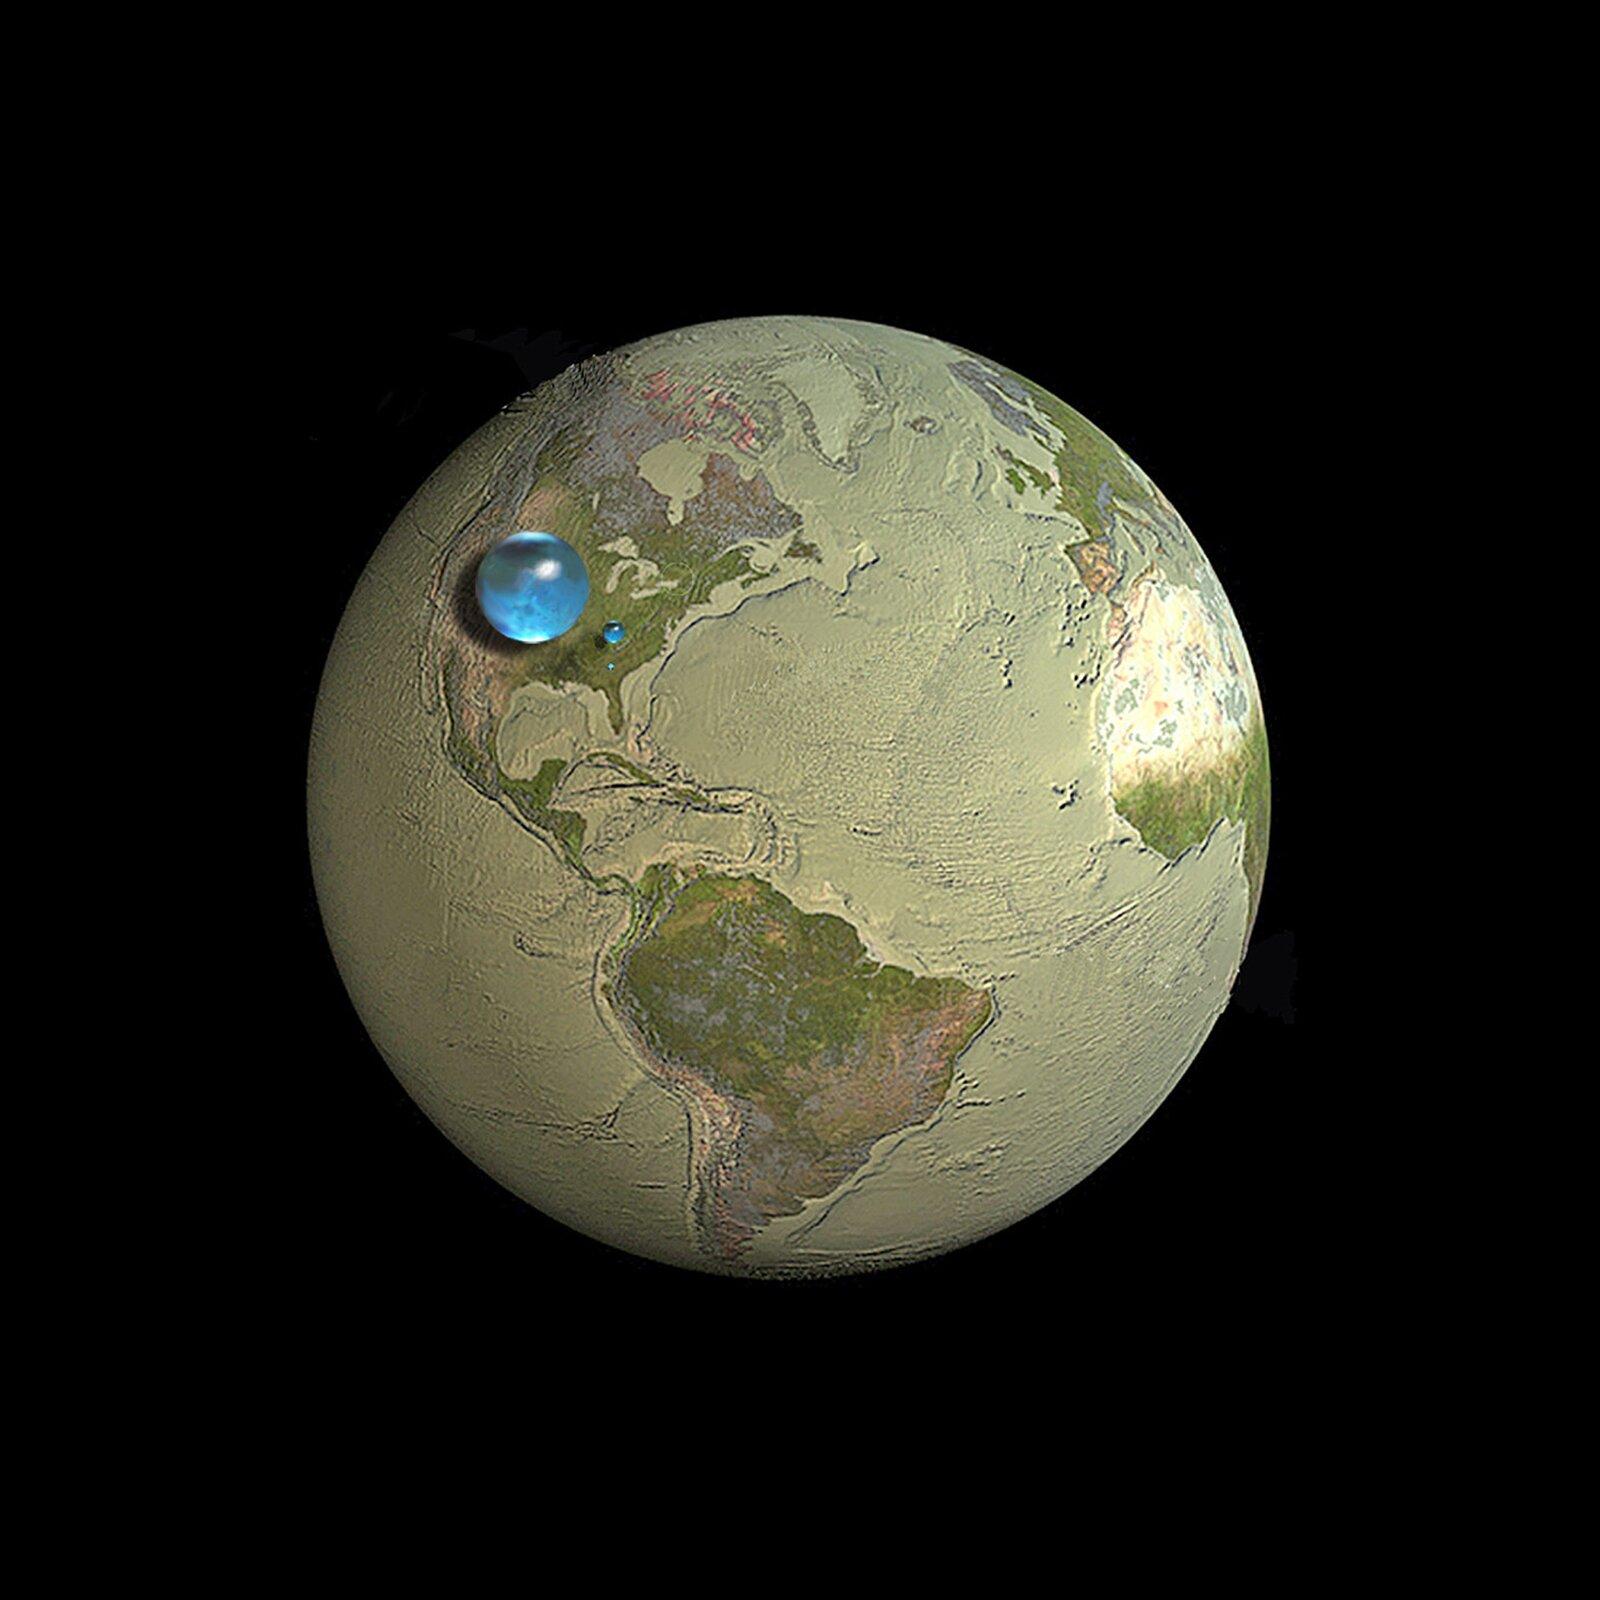 Ilustracja przedstawia grafikę komputerową ukazującą ziemskie zapasy wody. Pokazuje ona glob ziemski od strony Oceanu Atlantyckiego, zktórego zebrana została cała warstwa wody. Na tle obszaru Stanów Zjednoczonych umieszczone zostały trzy niebieskie kule. Pierwsza zlewej inajwiększa symbolizuje całe zasoby wody na Ziemi zebrane wjednym miejscu zzachowaniem skali. Druga, znacznie mniejsza kulka orozmiarach małego stanu odzwierciedla zasoby wody słodkiej, natomiast kulka najmniejsza, zajmująca powierzchnię dużego miasta to woda słodka zawarta wwodach powierzchniowych.